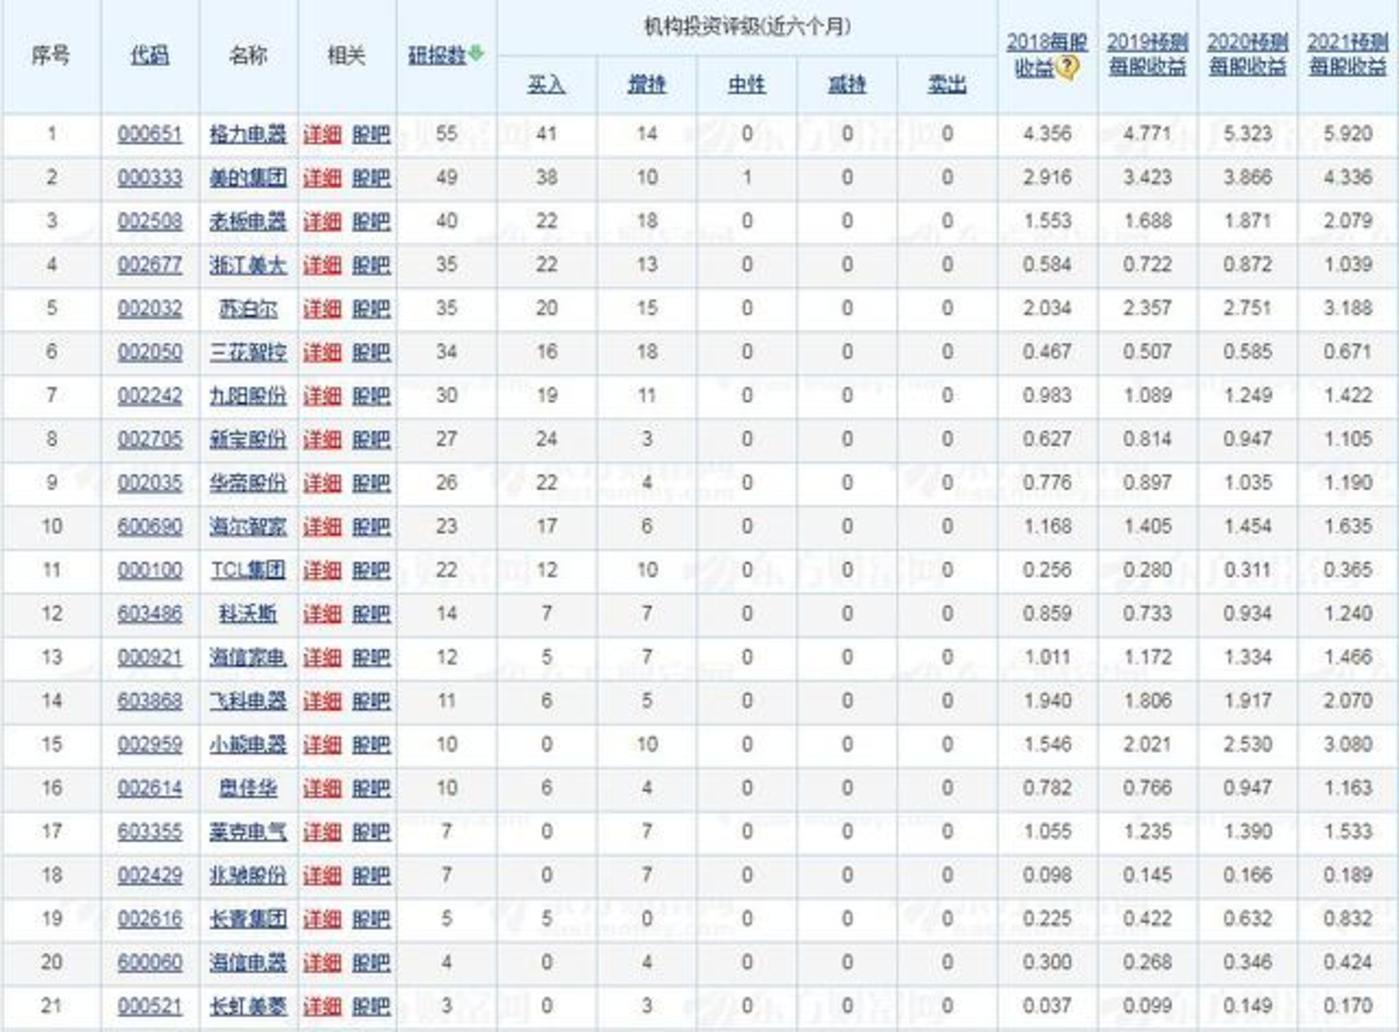 1994世界杯全部比分表·习近平会见韩国总统